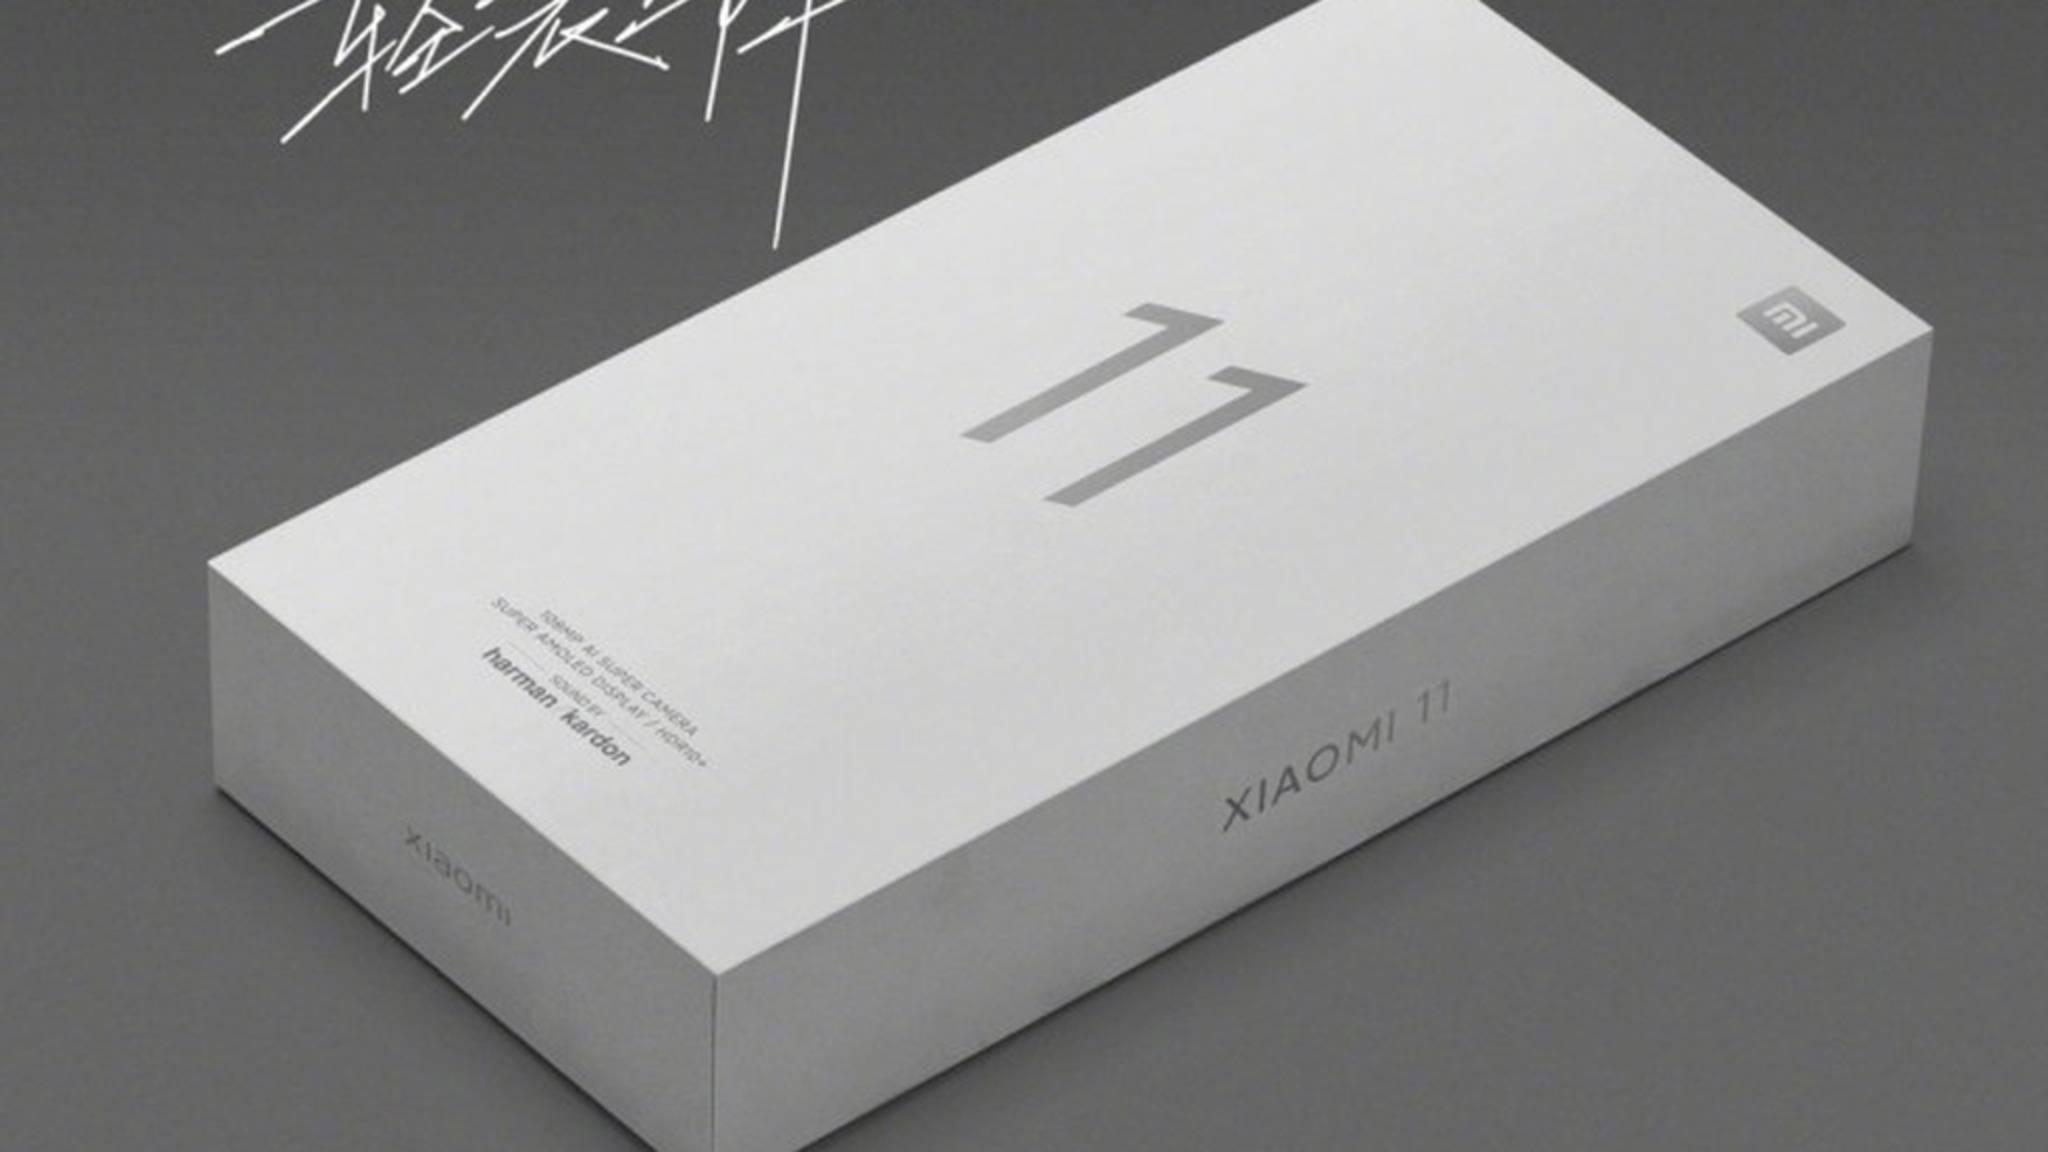 xiaomi-mi-11-verpackung